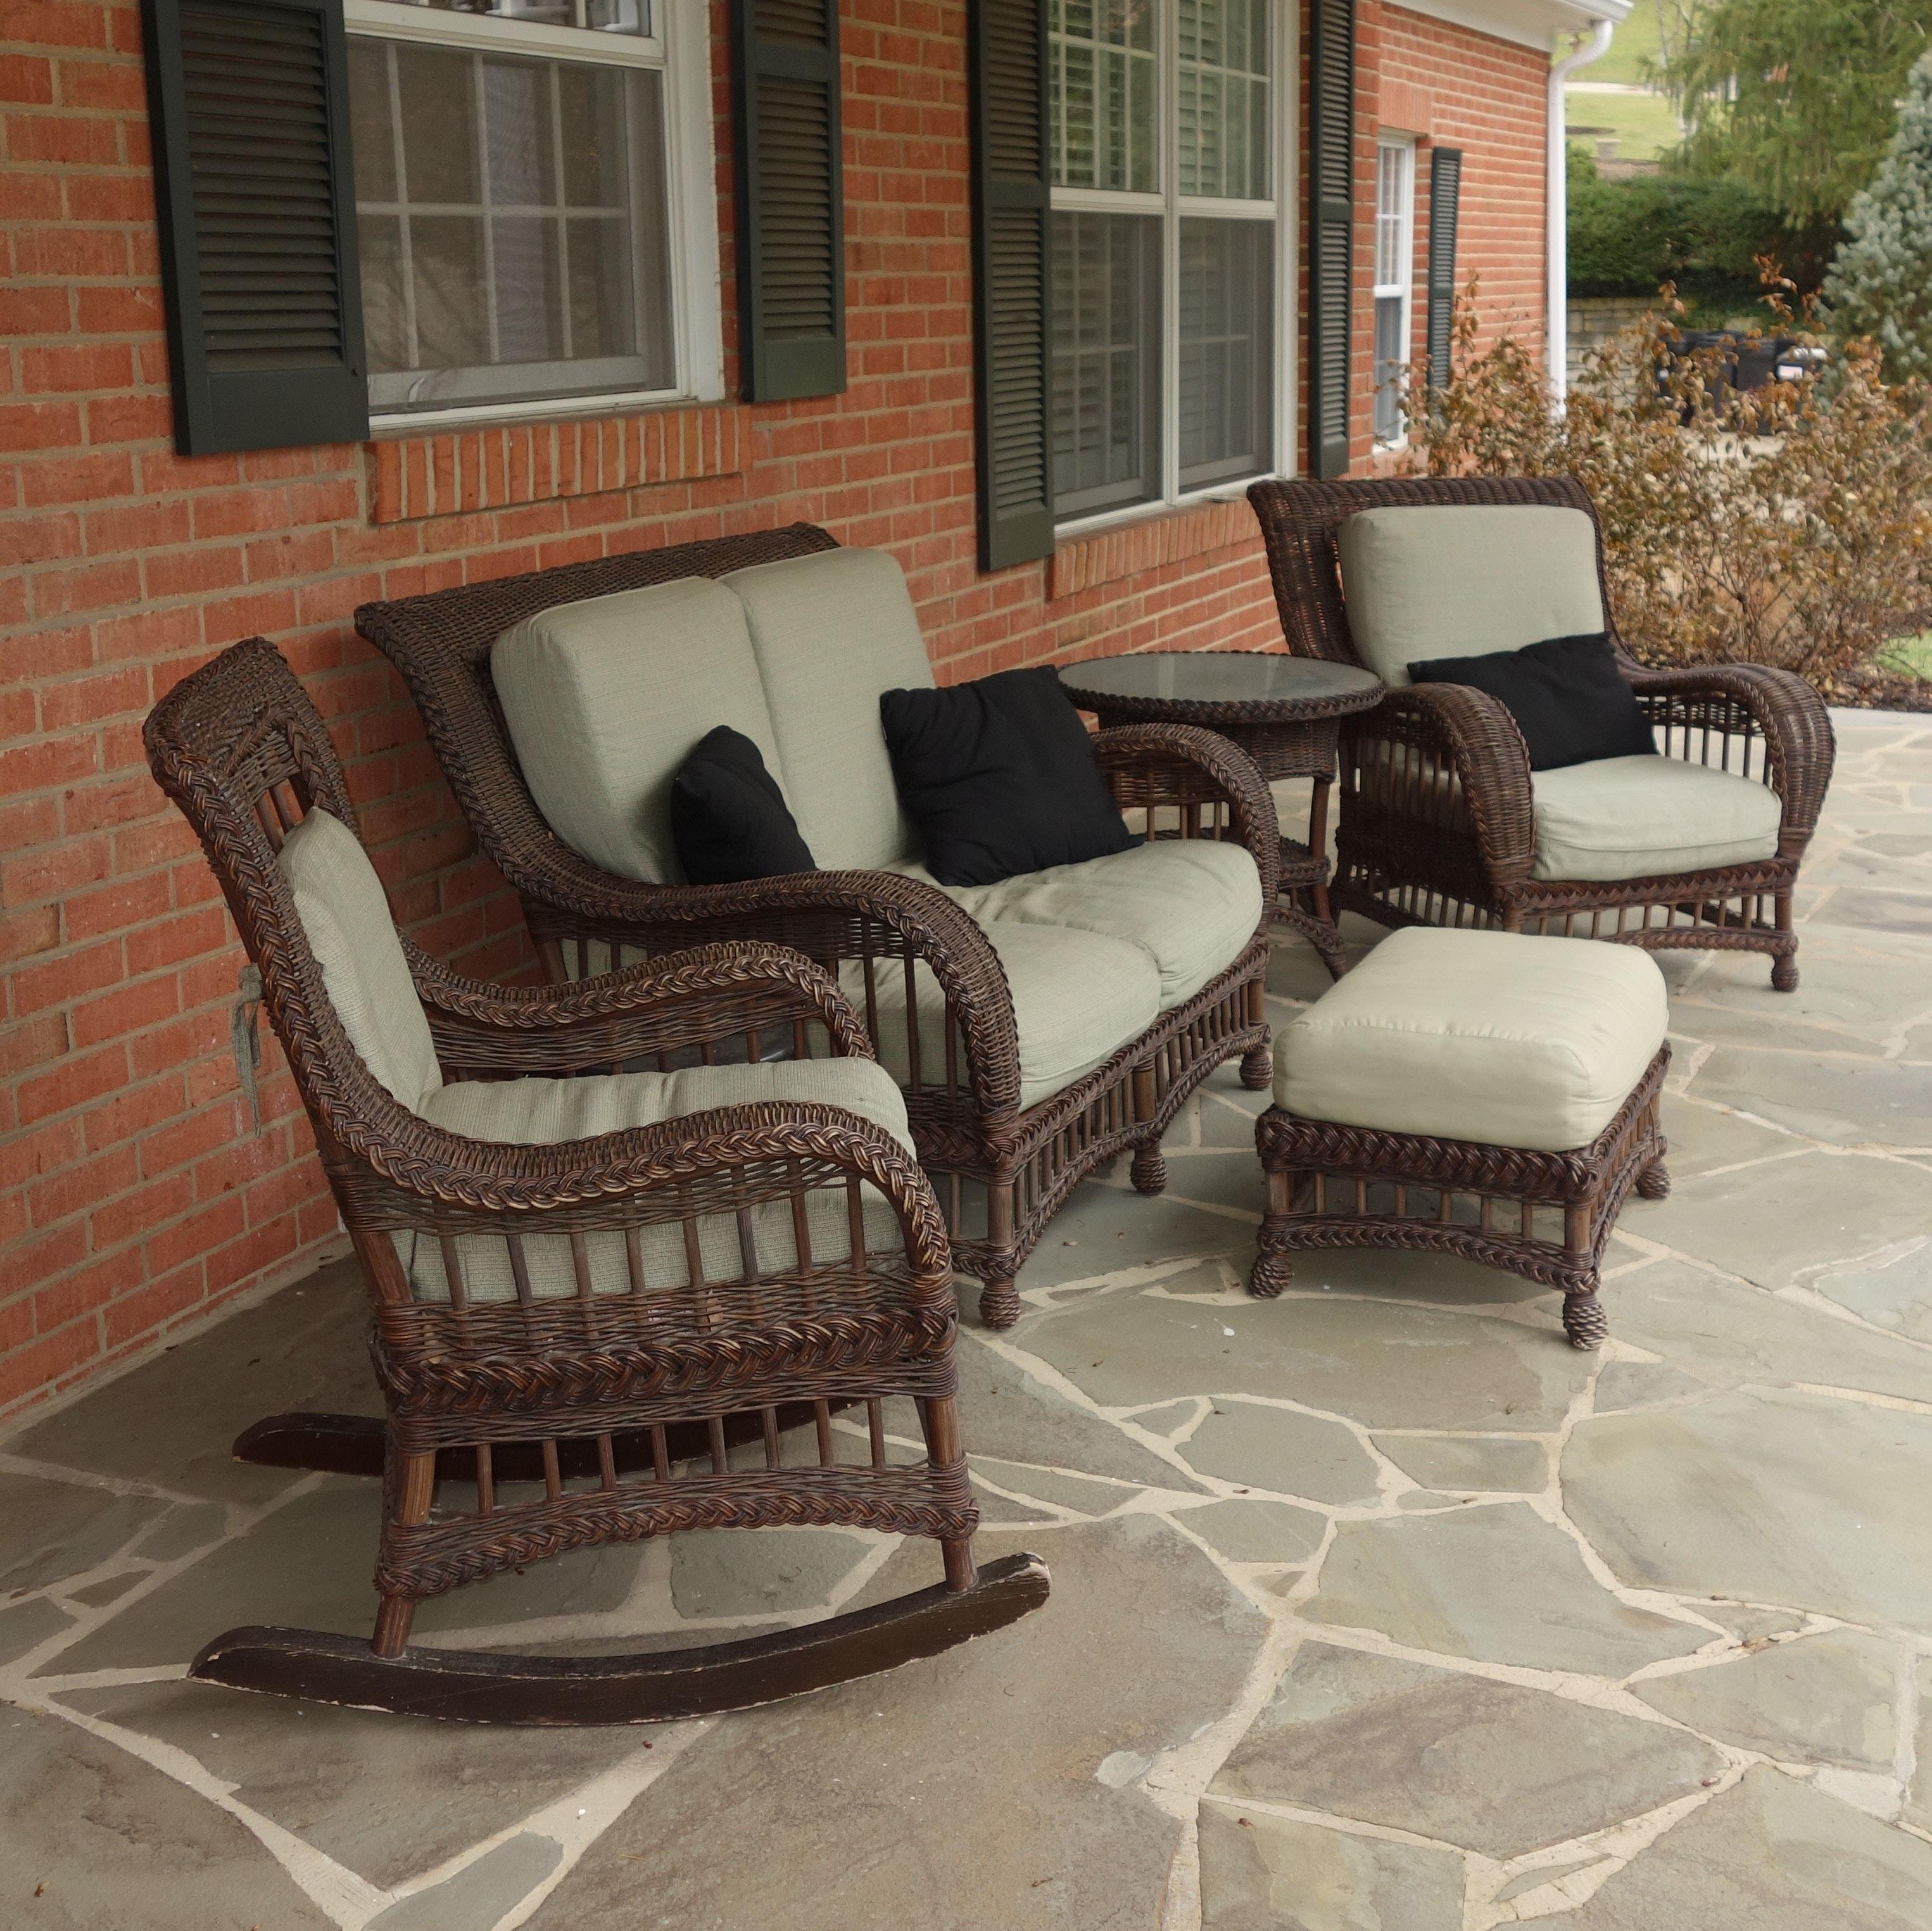 Ethan Allen Outdoor Wicker Furniture Set ...